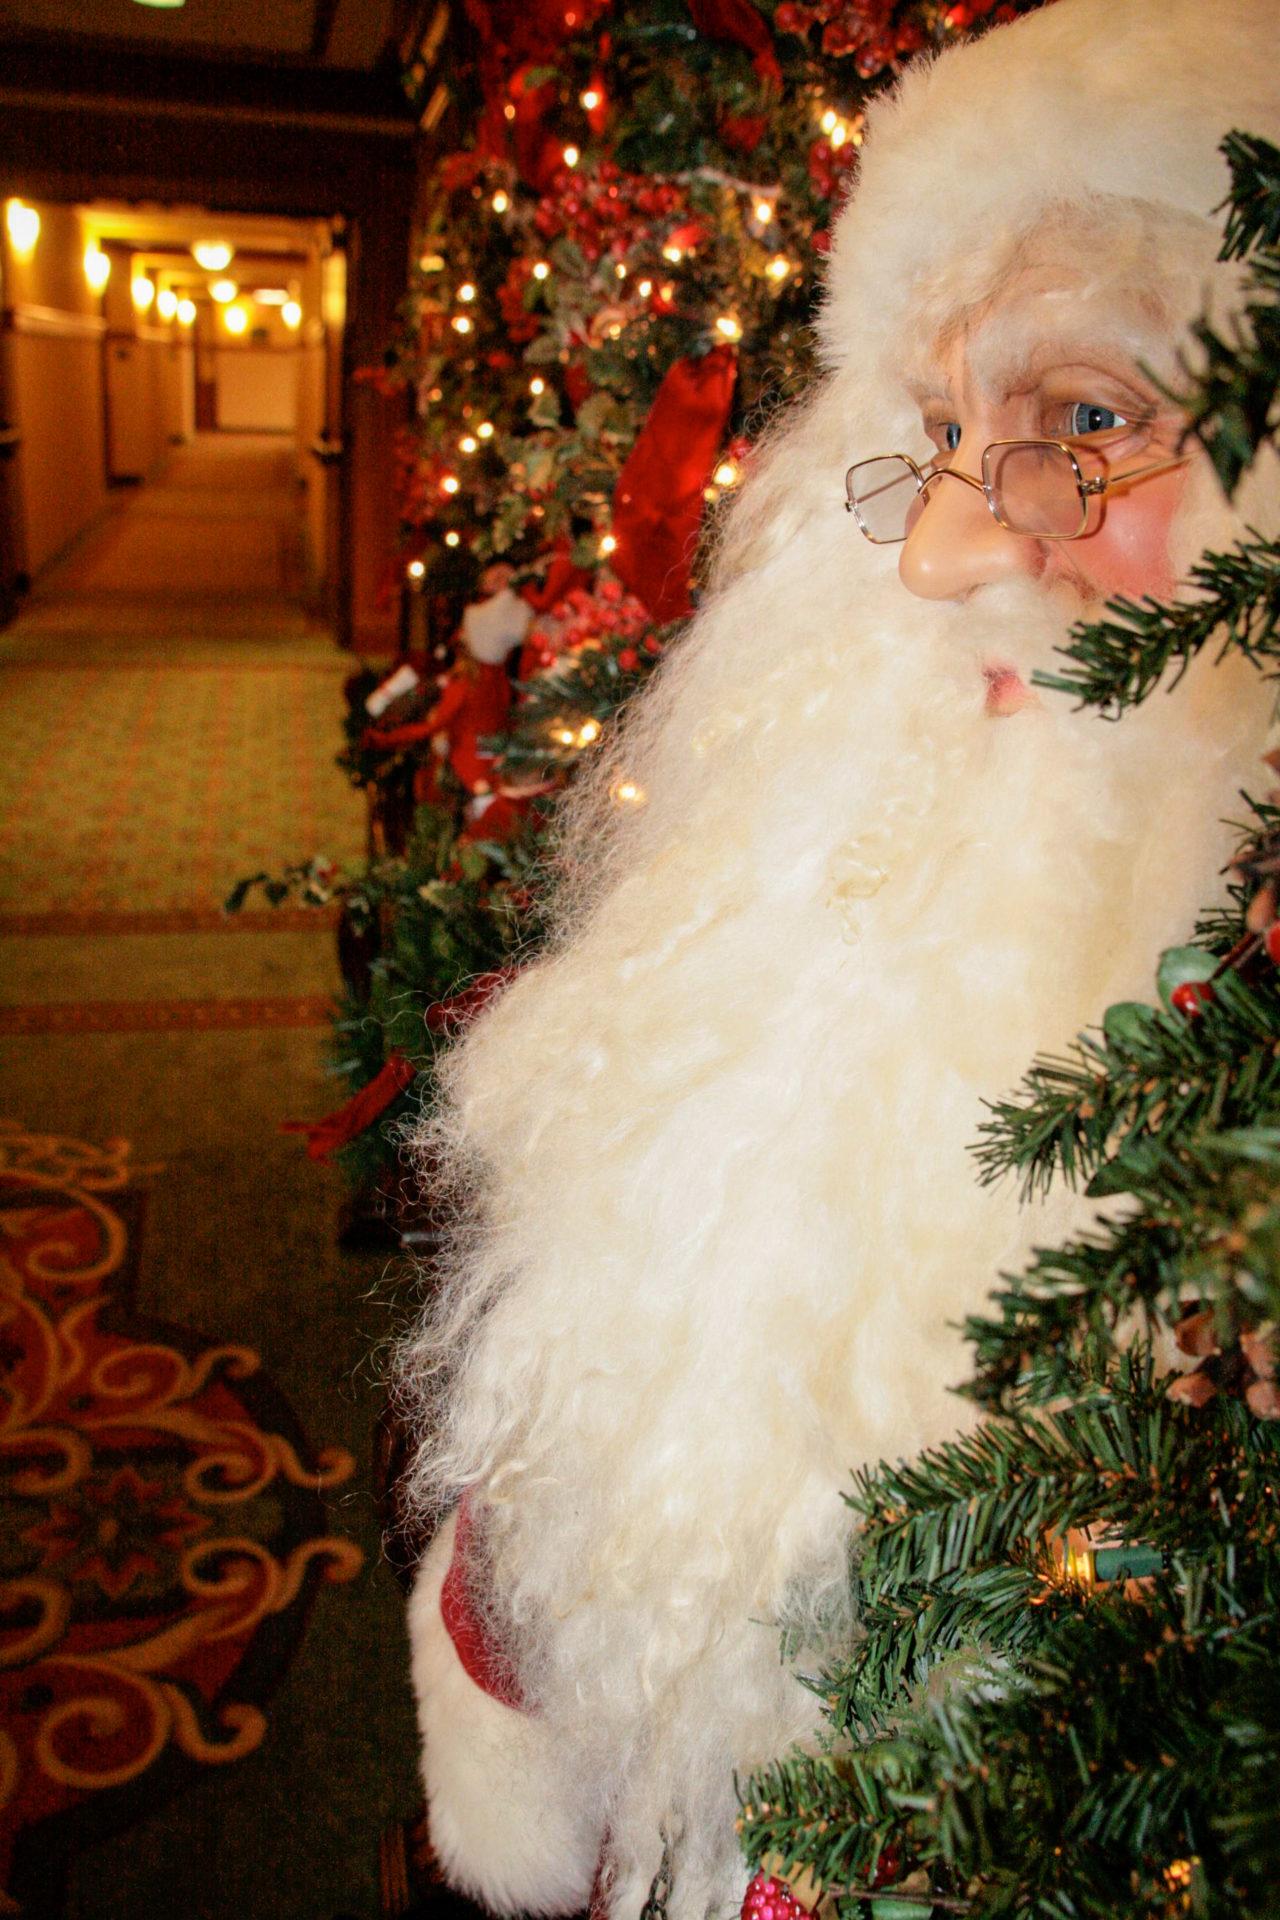 Nachtschicht: Weihnachtsmann aus Wachs wacht über Hotelflur